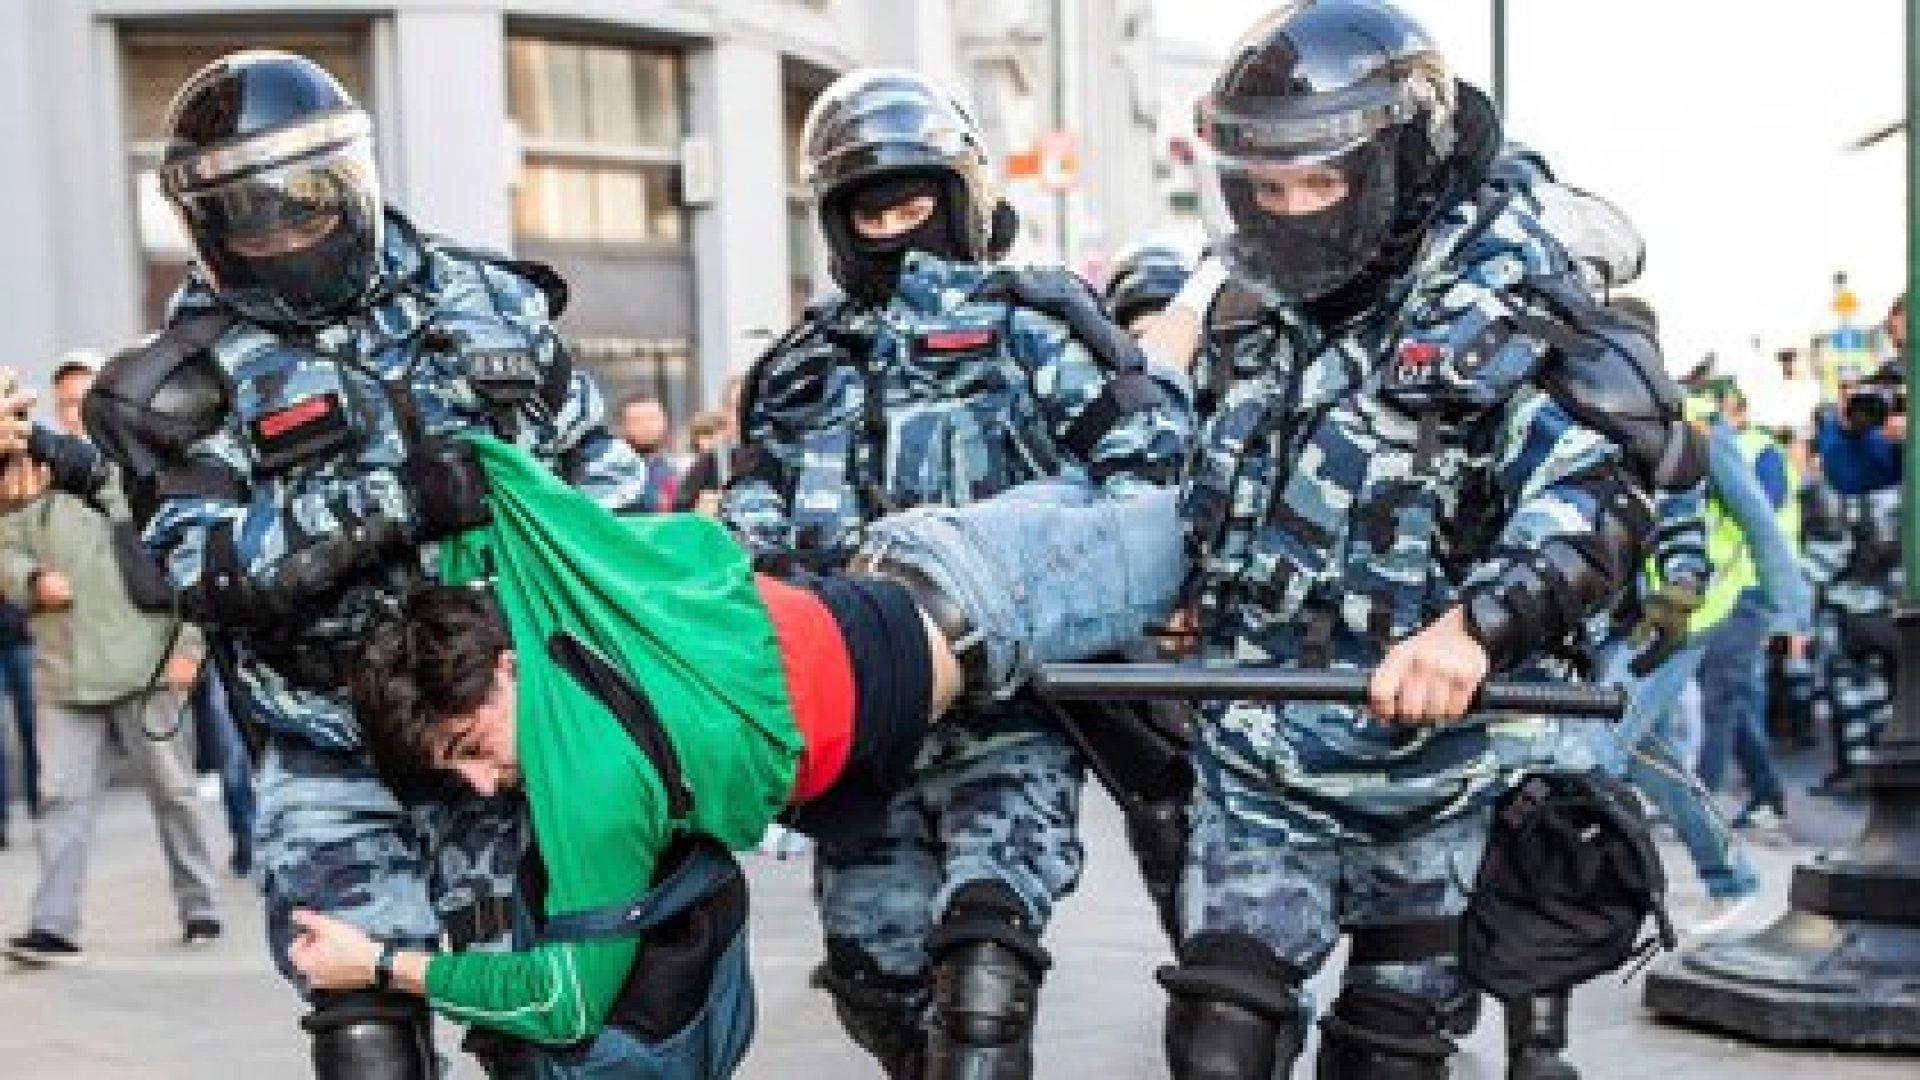 Miles de personas fueron detenidas por la policía de Vladimir Putin durante manifestaciones contra la exclusión de algunos candidatos a concejales de las próximas elecciones en Moscú, en una de las mayores protestas políticas de la capital rusa en años. Así arrestaron a un hombre el sábado 10 de agosto de 2019 (Evgeny Feldman, Meduza via AP)